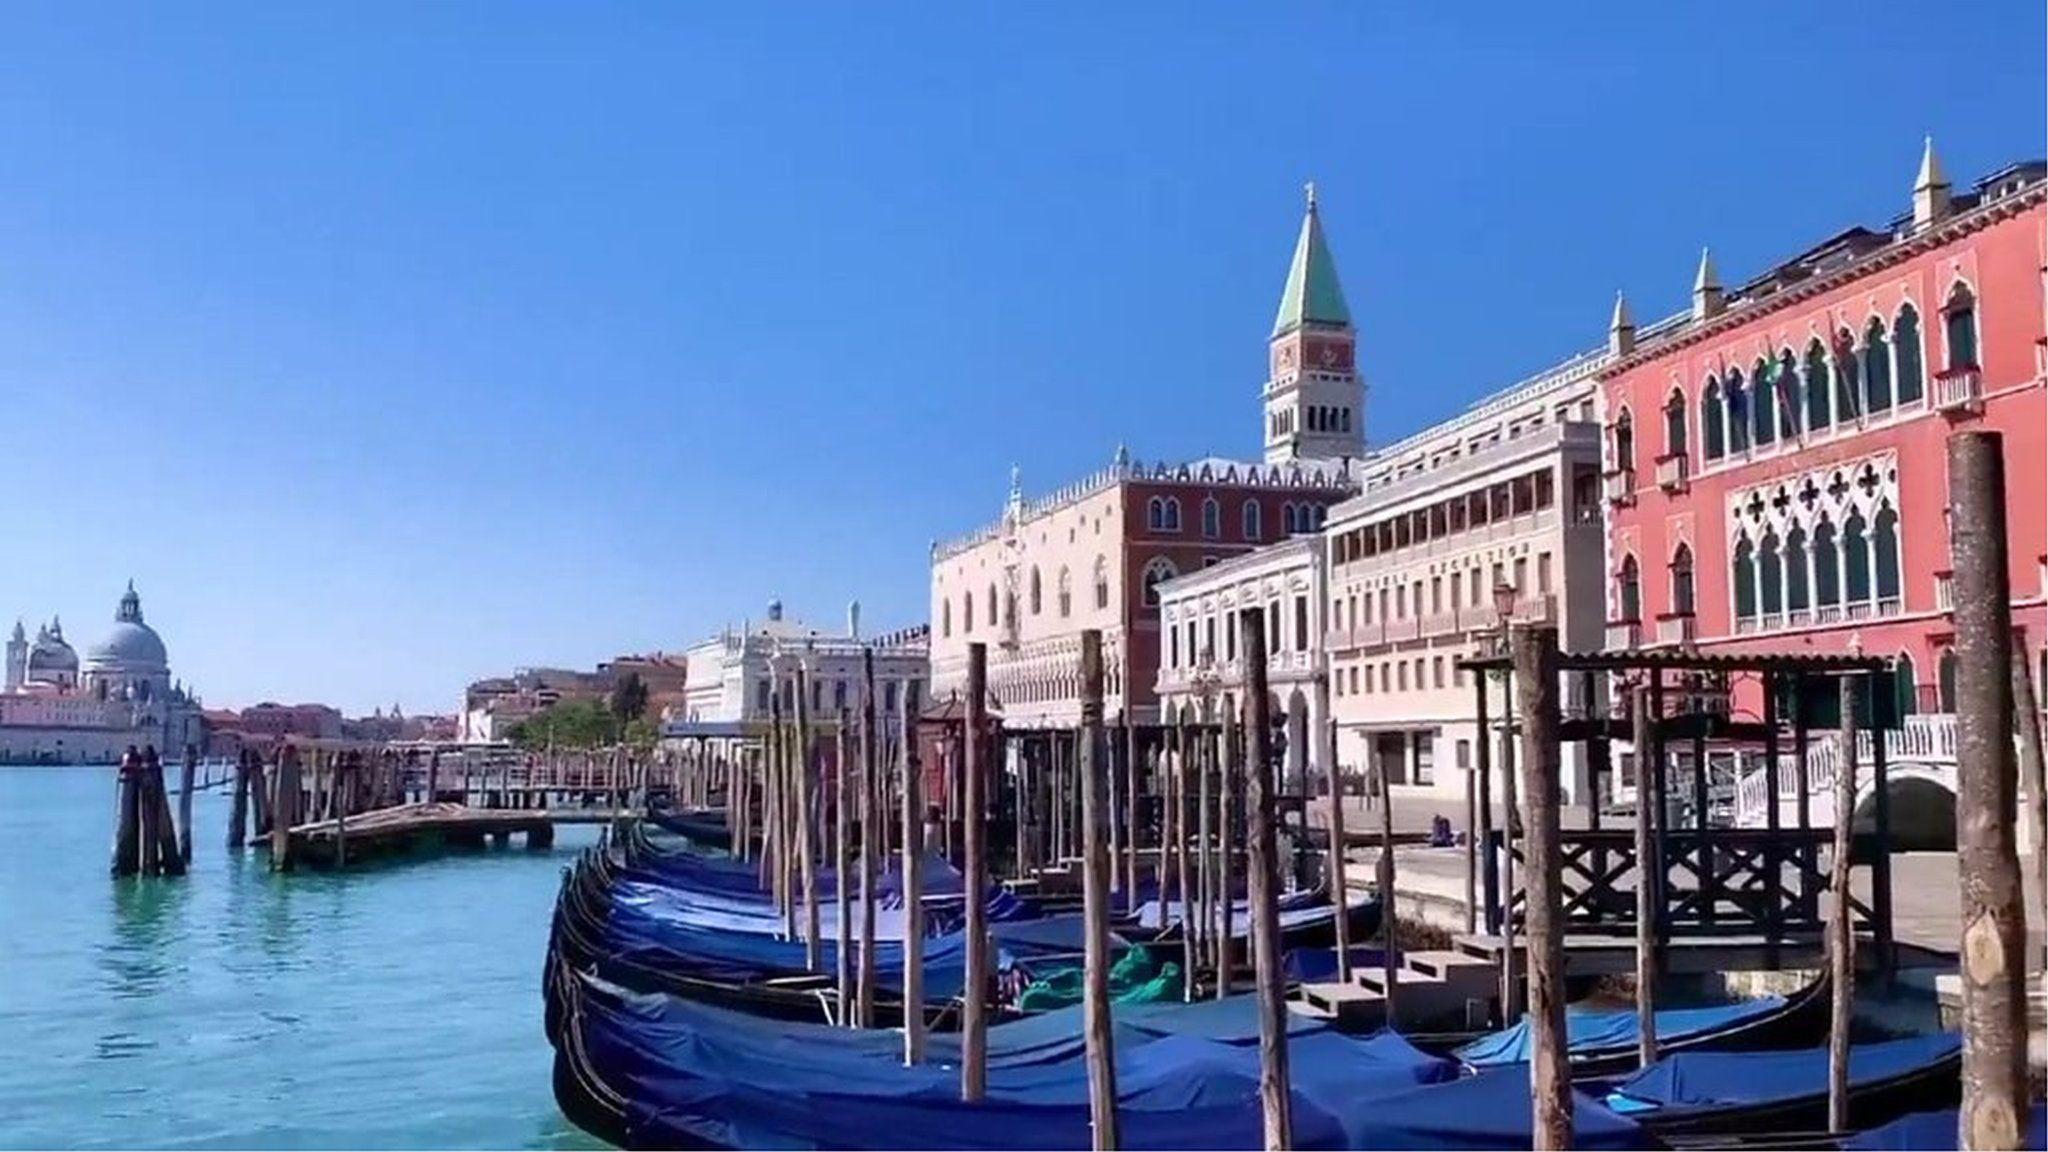 ヴェネツィアの水路、透明に 新型ウイルスによる封鎖措置が影響か